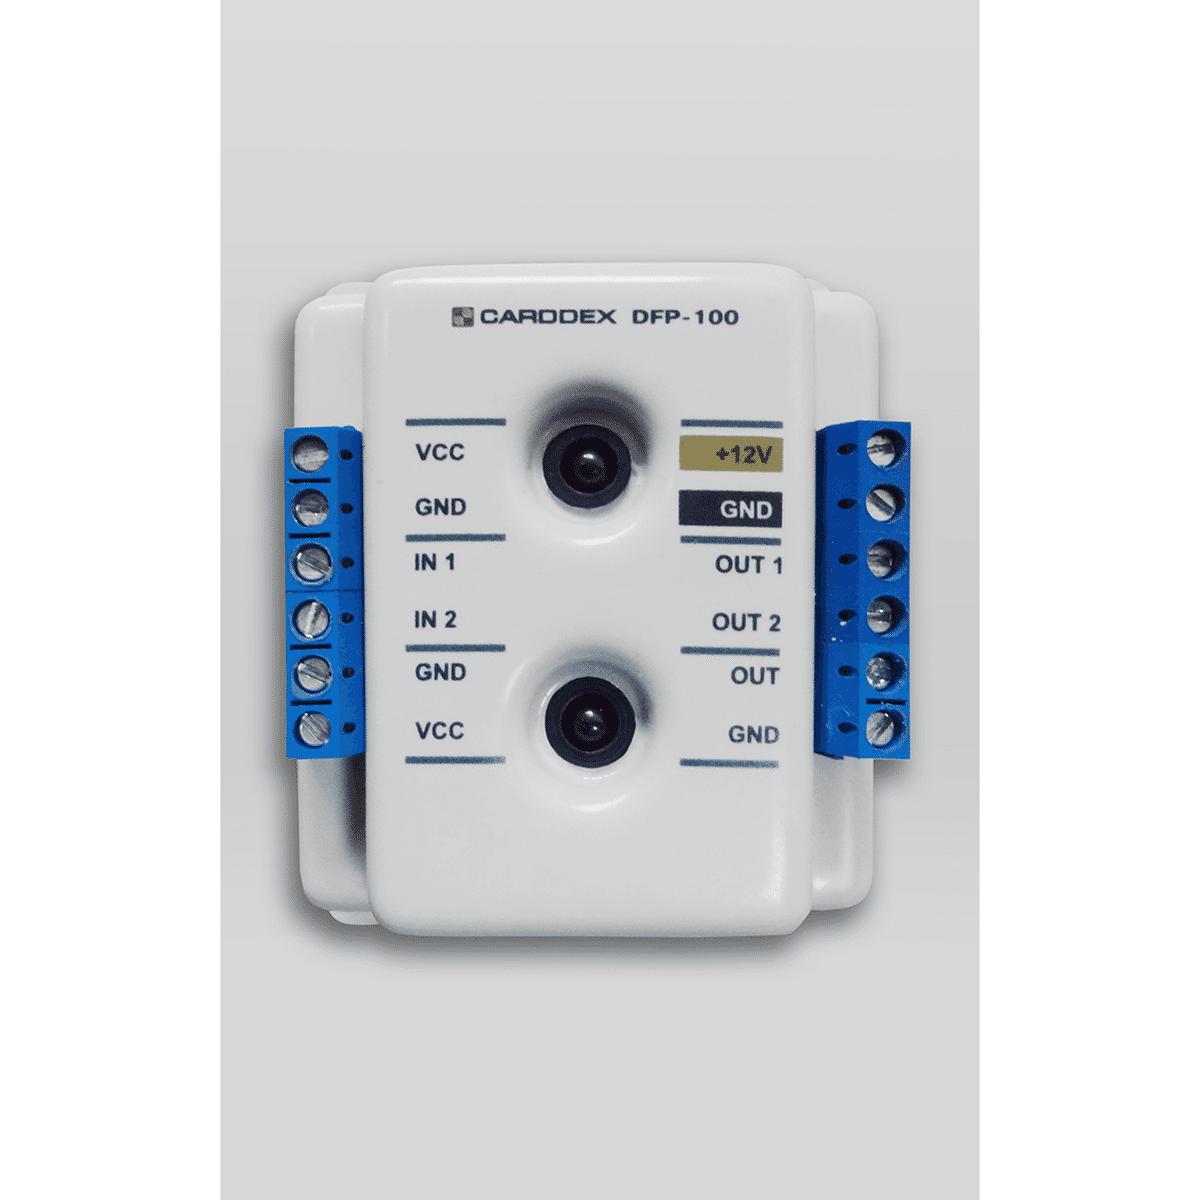 Контроллер обработки датчиков CARDDEX DFP 100